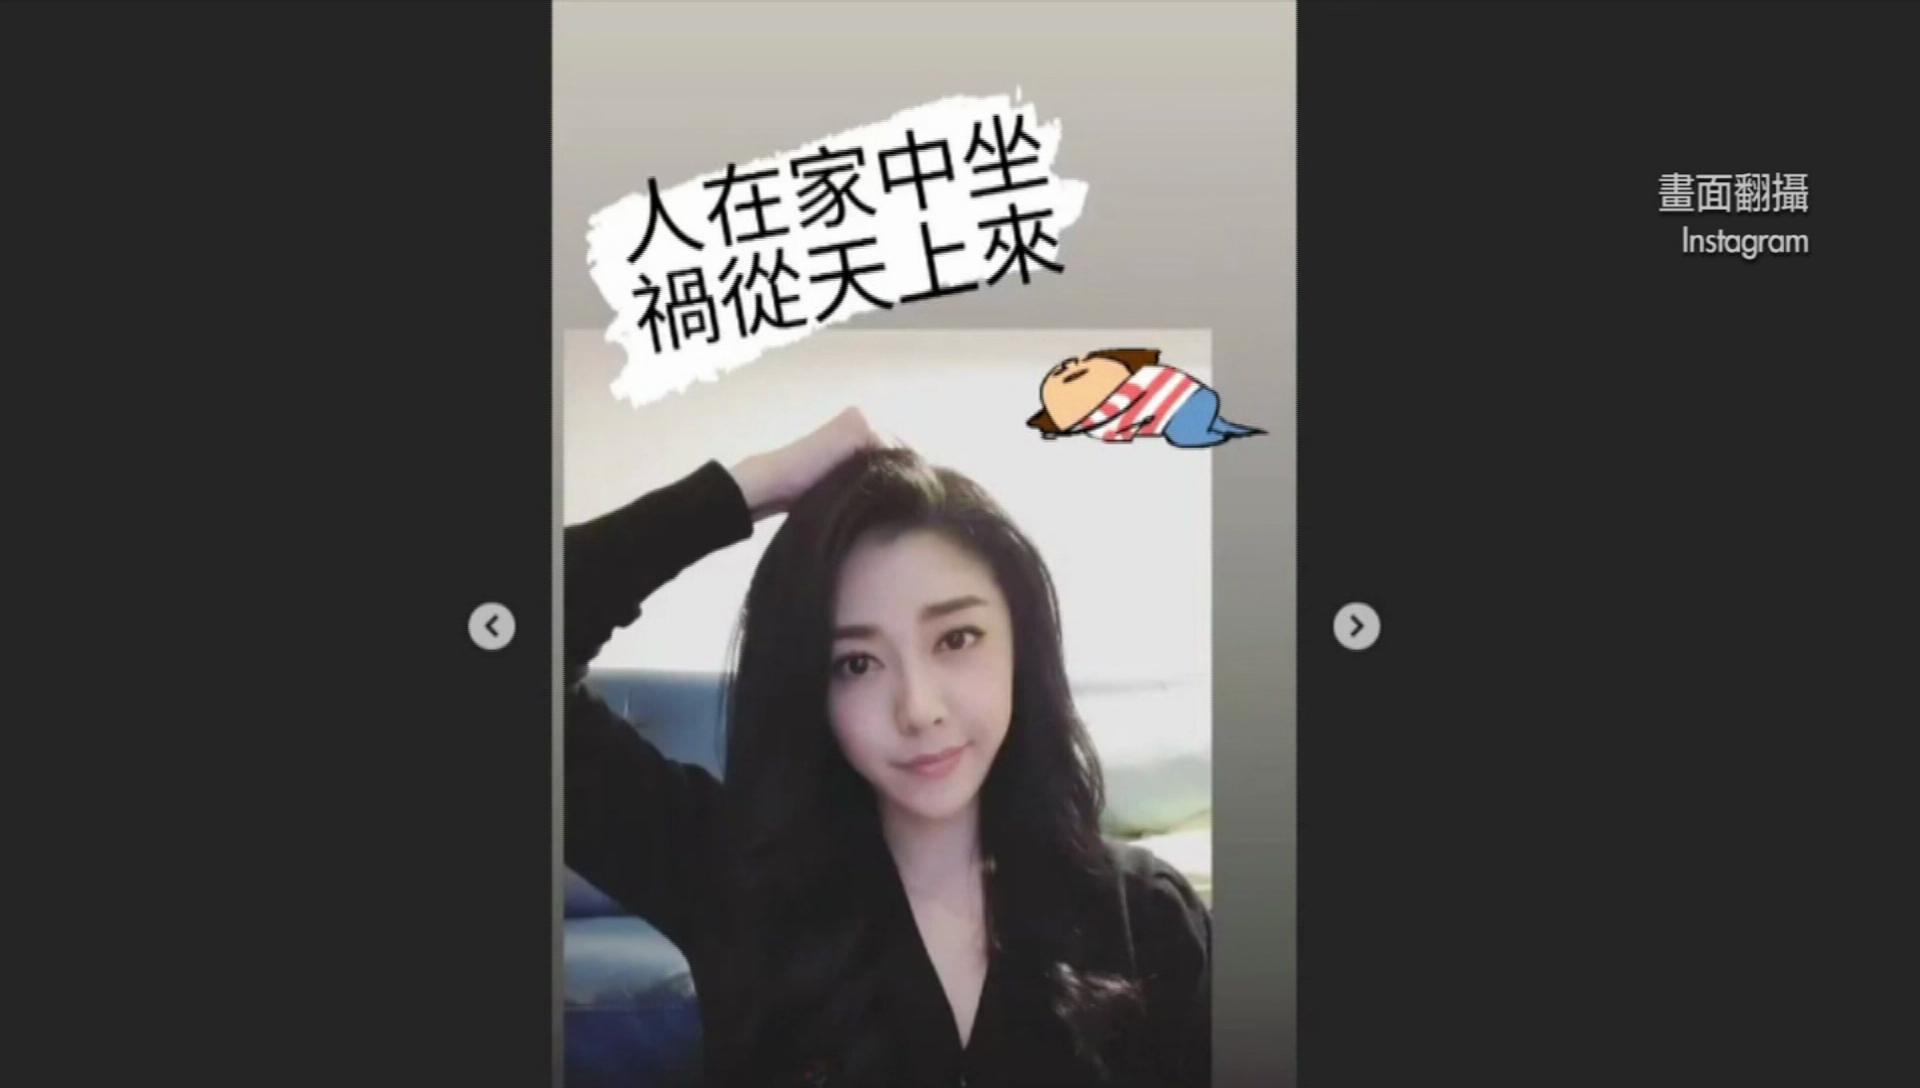 韓瑜被爆欠債2千萬 澄清「希望不是刻意害我」